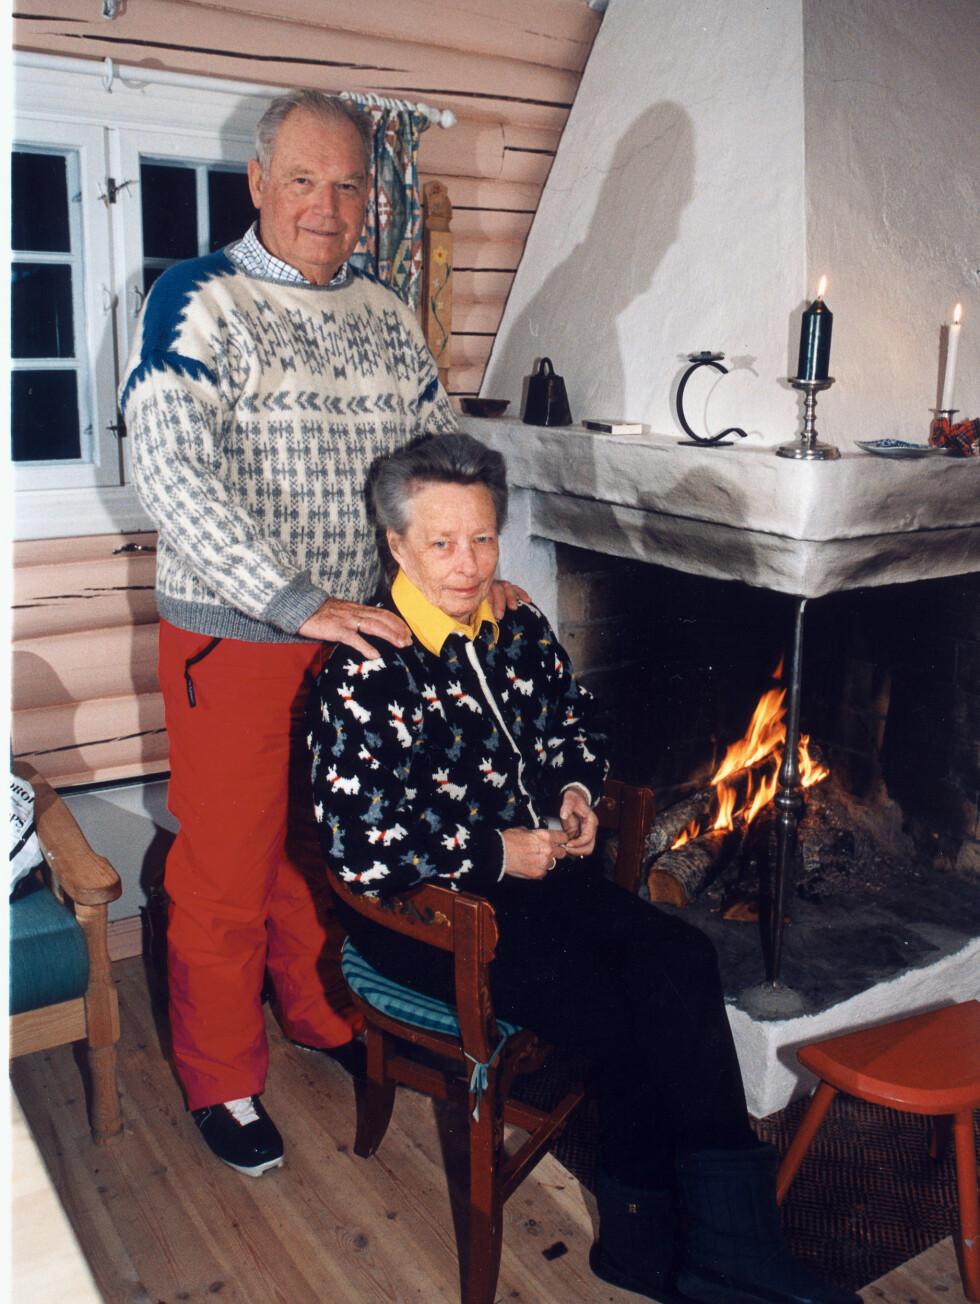 STØTTESPILLERE; Prinsesse Ragnhild og Erling Lorentzen har brukt både tid og penger på å få reist en drømmehytte for kreftsyke barn..